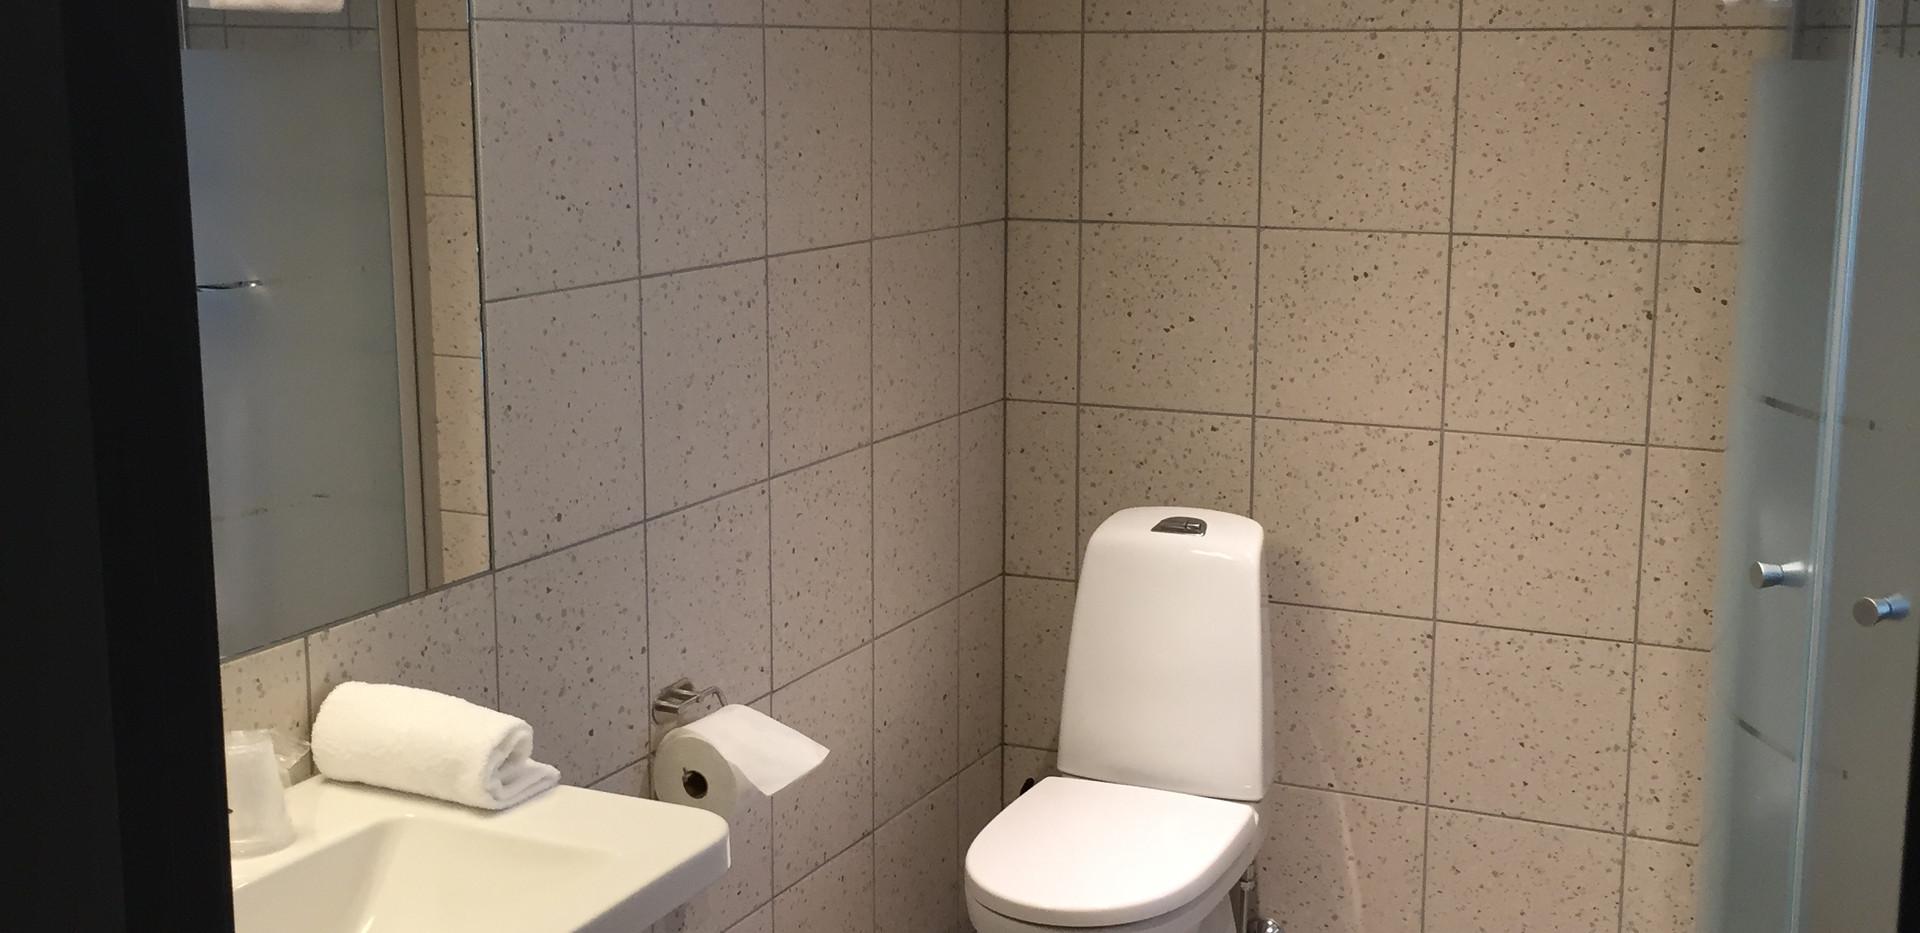 DB bath room.JPG